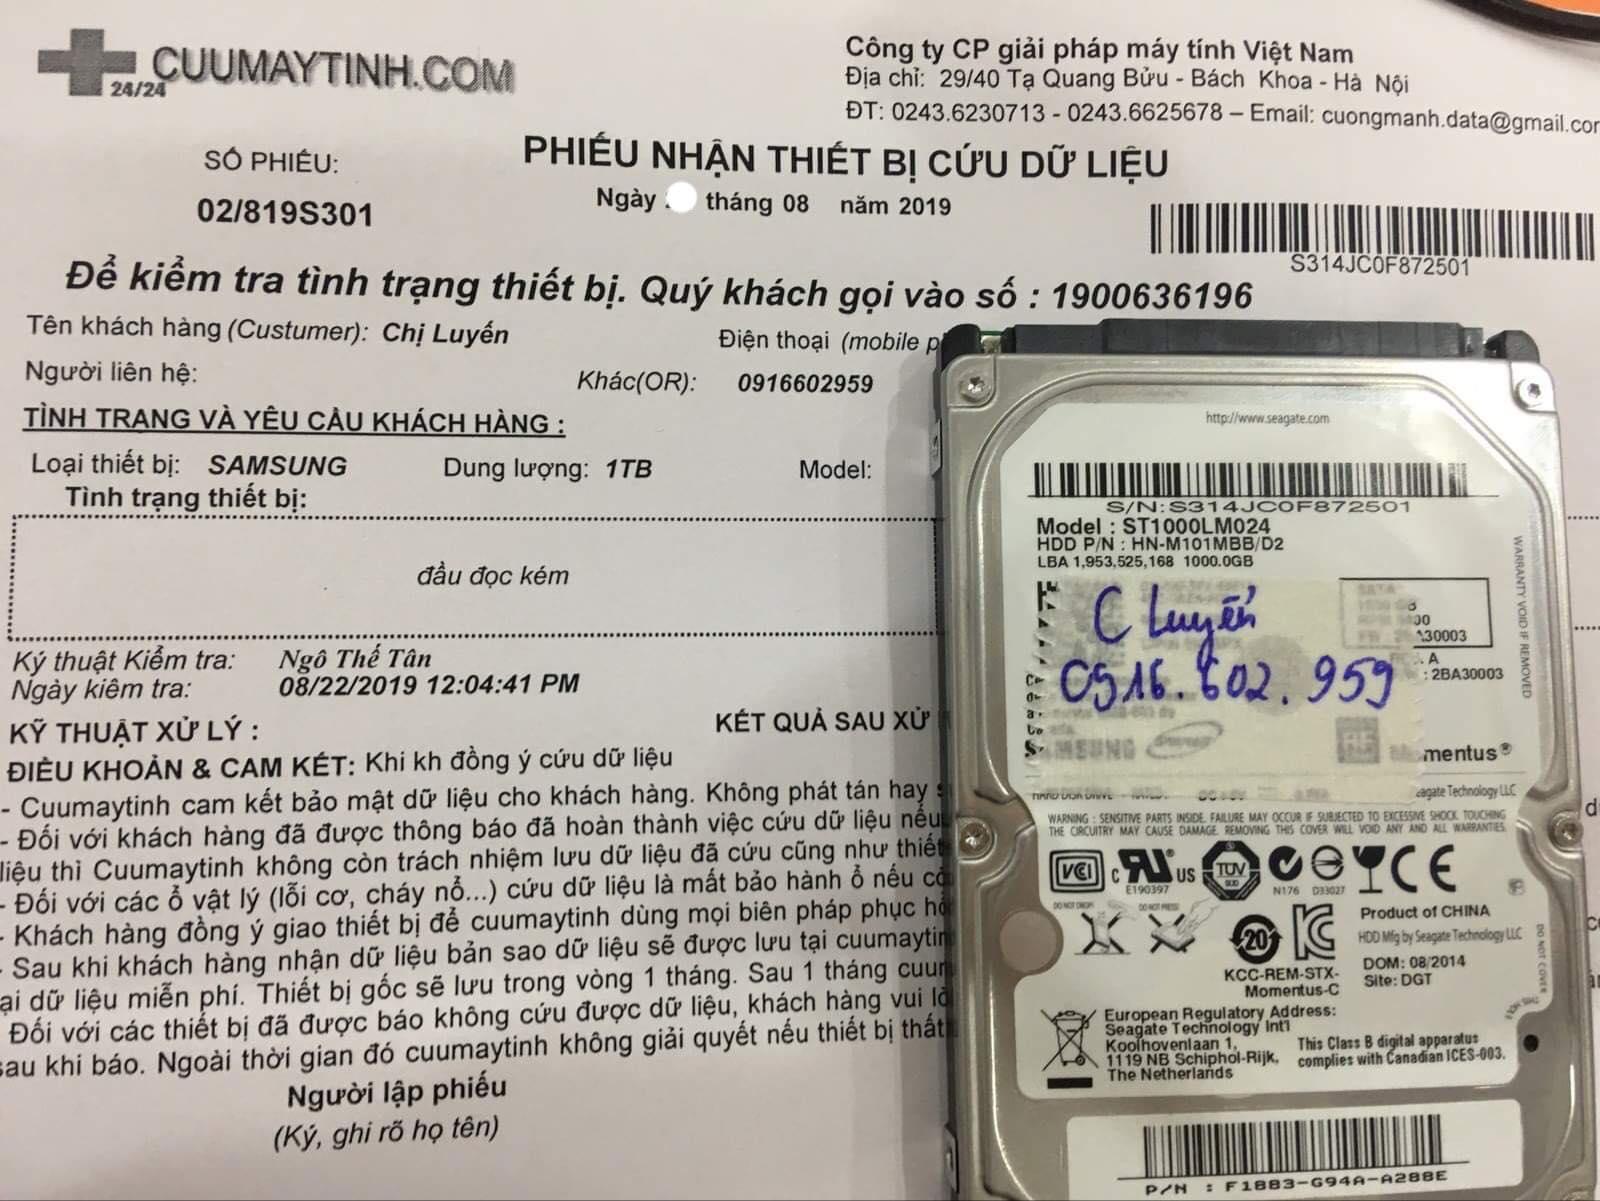 Lấy dữ liệu ổ cứng Samsung 1TB đầu đọc kém 29/08/2019 - cuumaytinh